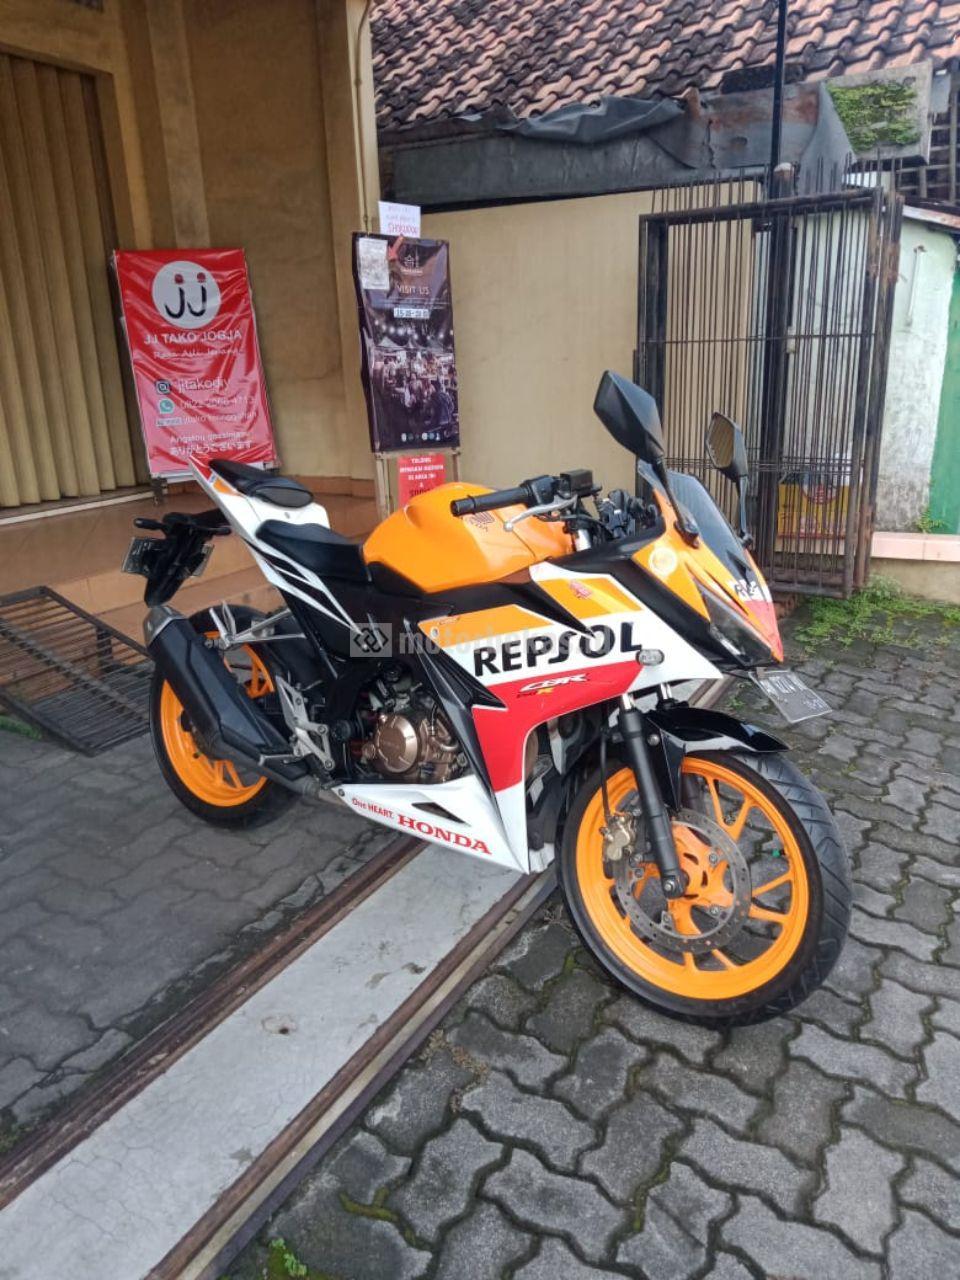 HONDA CBR 150R REPSOL 756 motorbekas.id